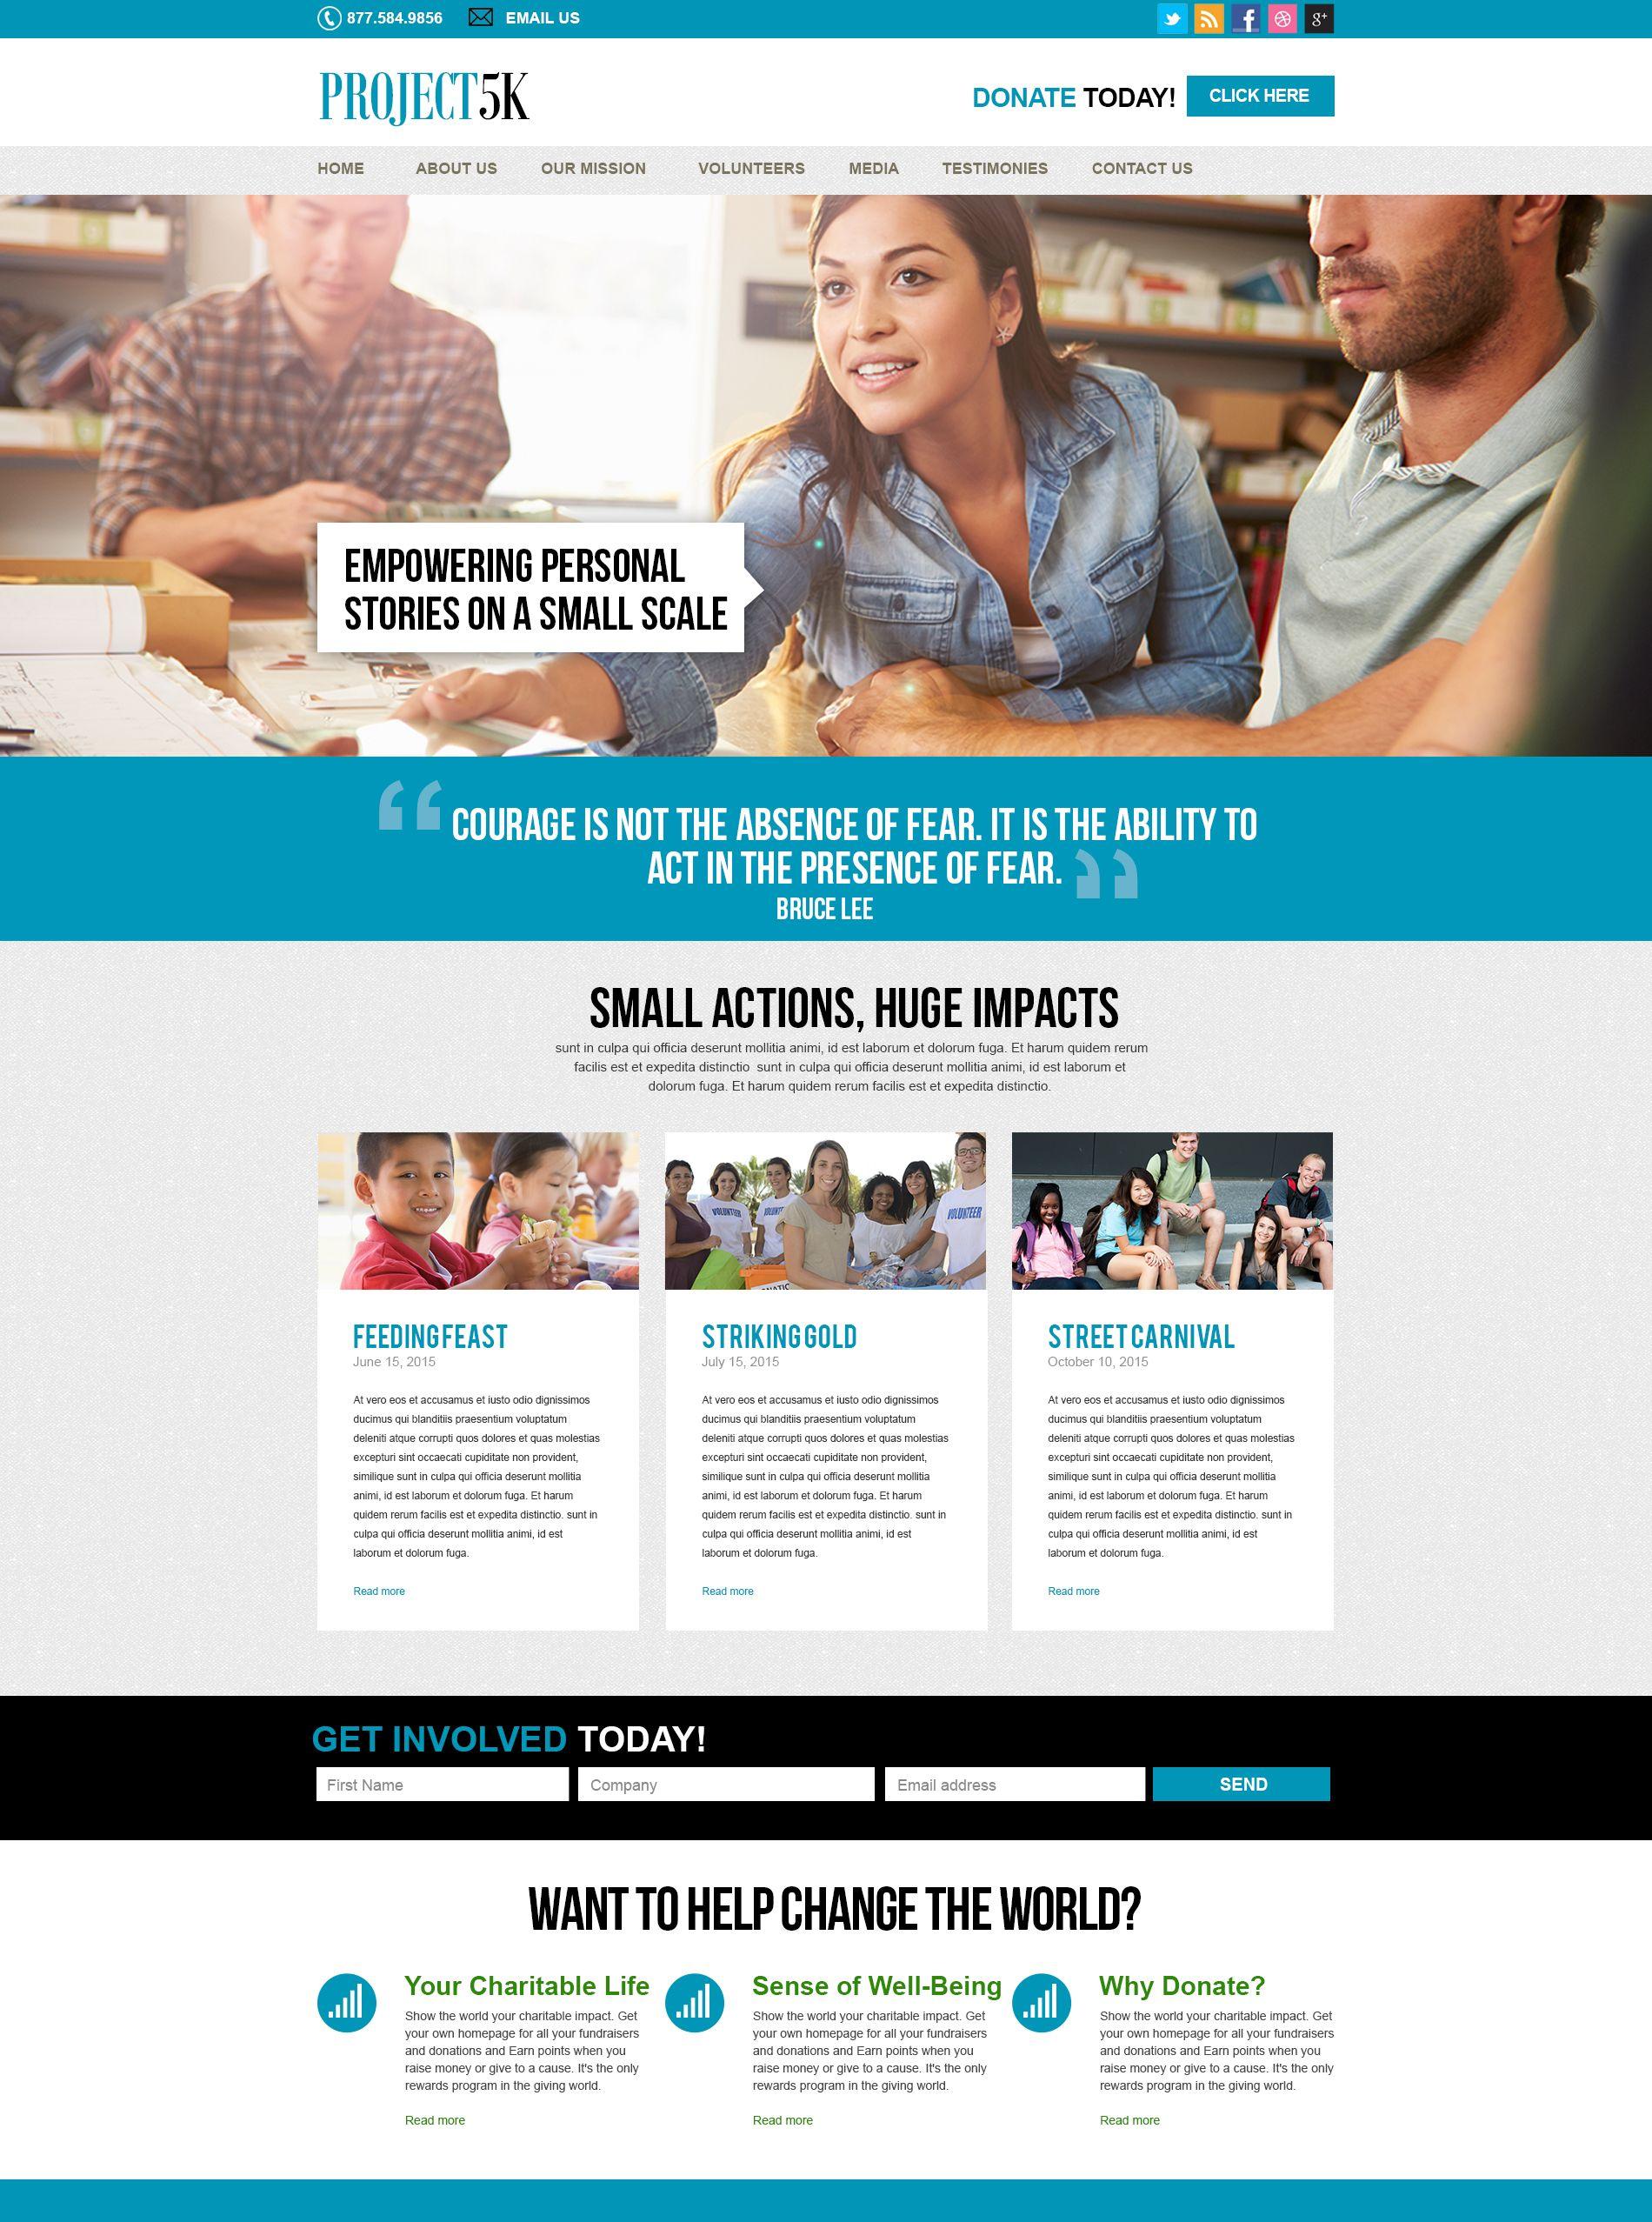 Charity Website 5k Event Website Volunteer Work Charity Work Website Design Inspiration Website Charity Work Ideas Charity Websites Charity Organizations